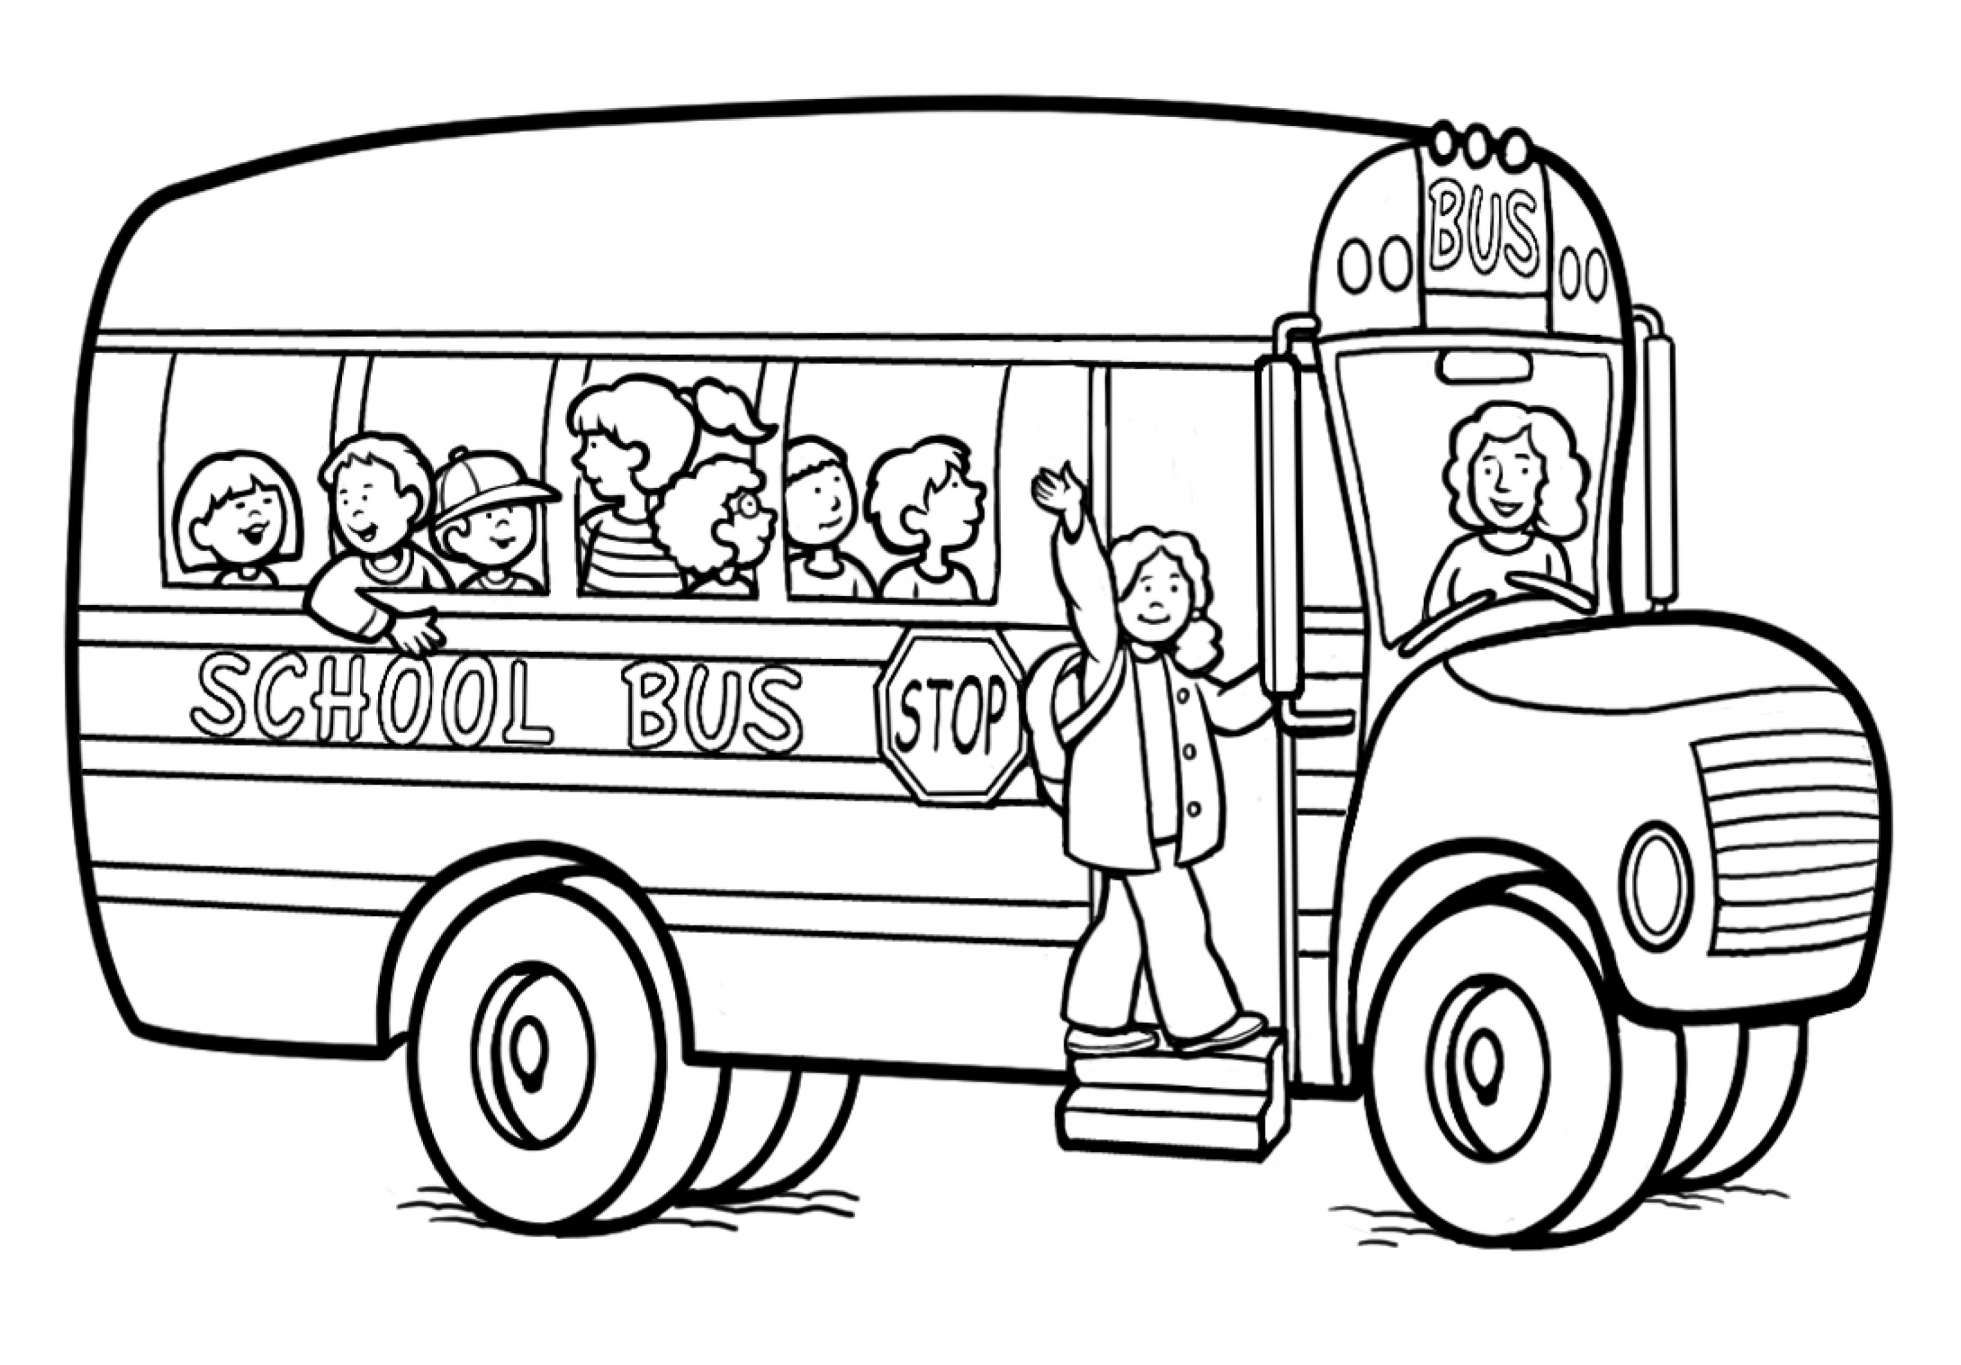 12 School Bus Coloring Pictures Schule Malvorlagen Bilder Zum Ausmalen Fur Kinder Schulbus